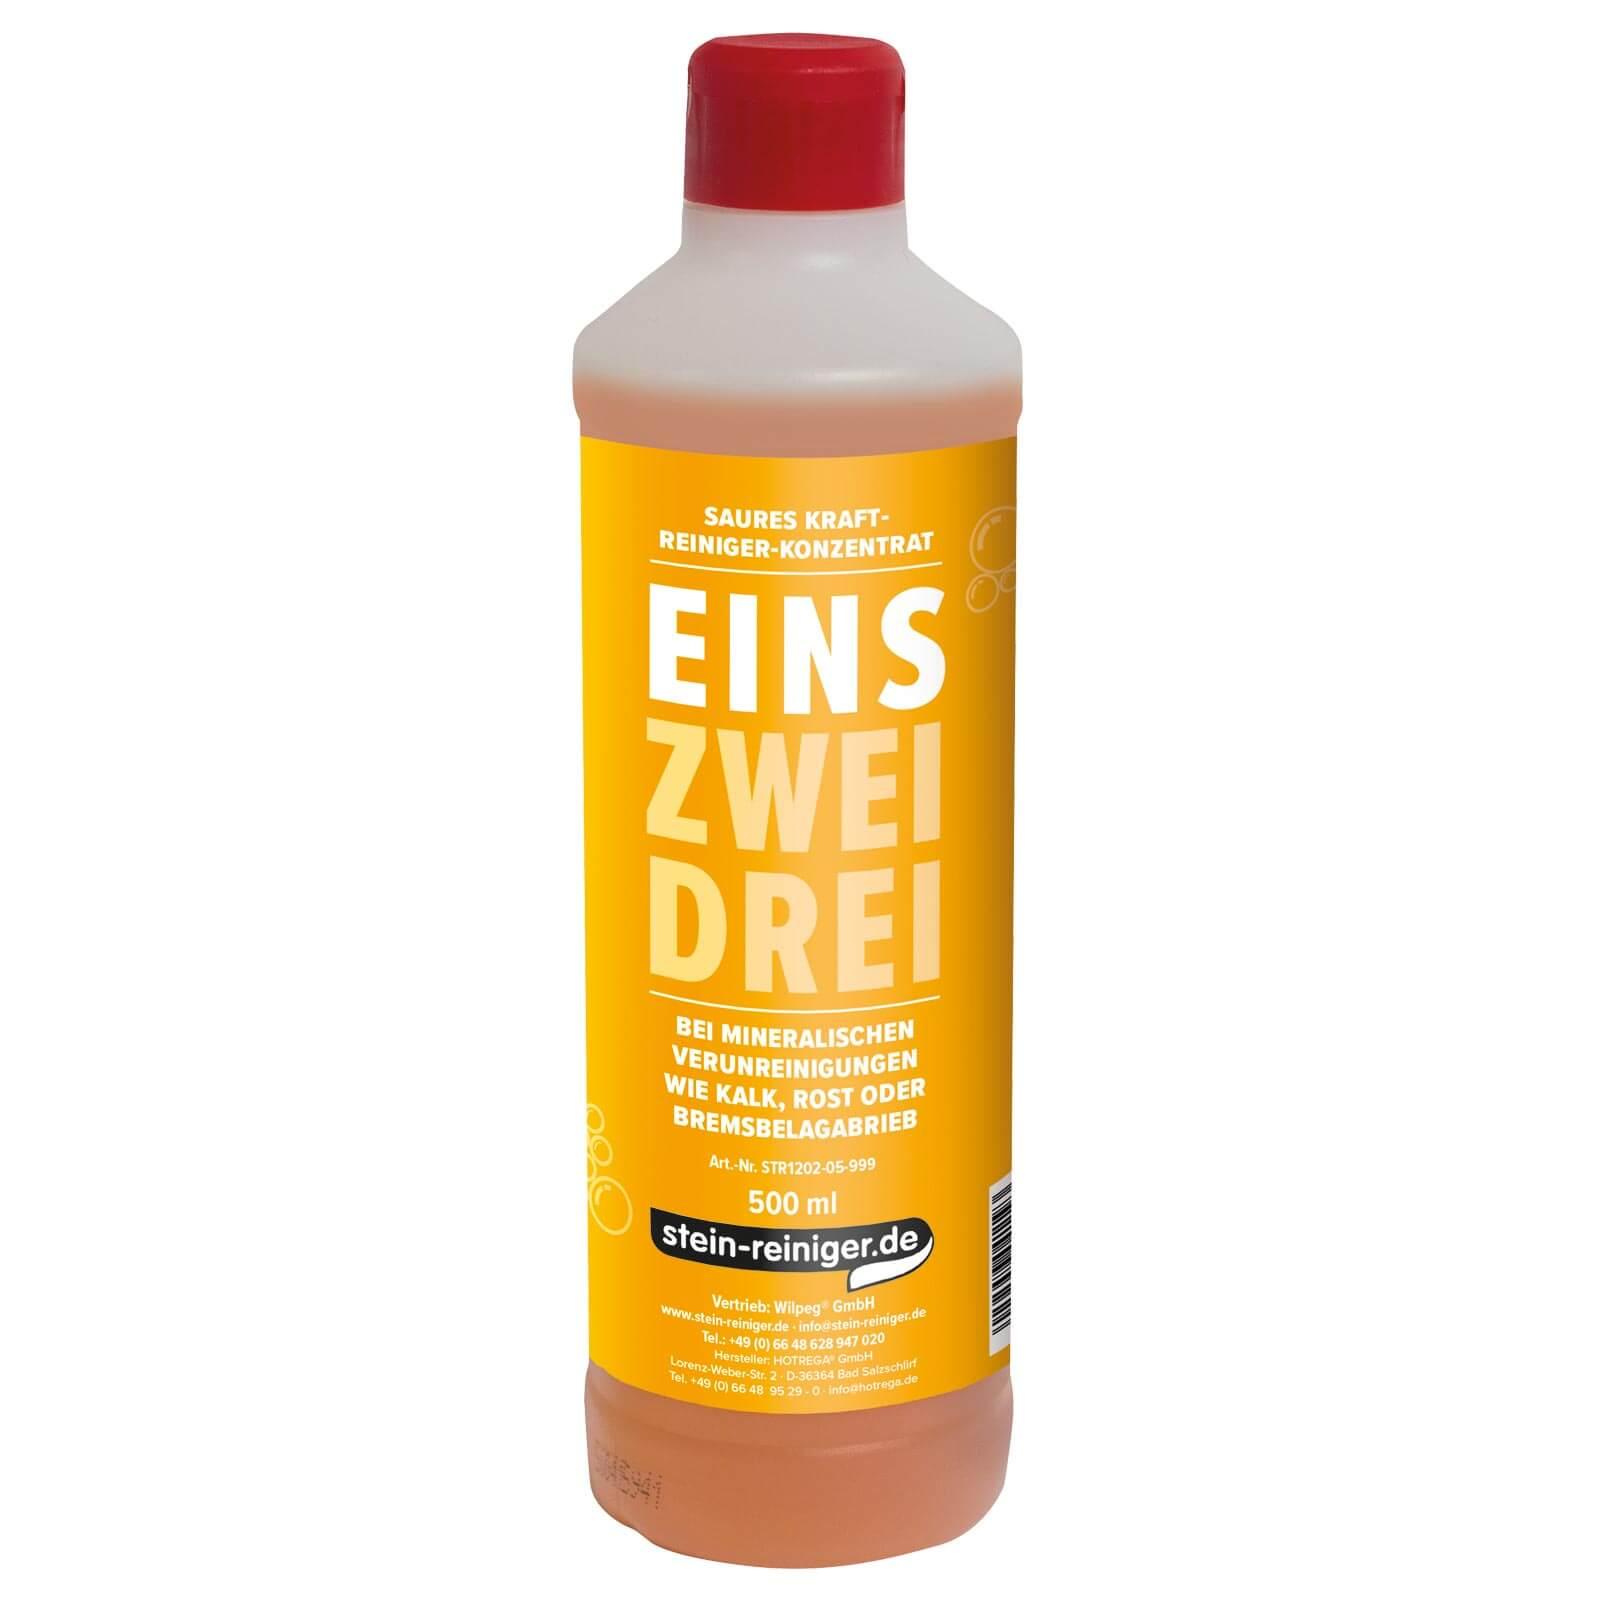 EINS - Saurer Reiniger 500 ml Konzentrat entfernt Kalk, Rost, Kesselstein, Zementschleier, Kalkseife uvm.